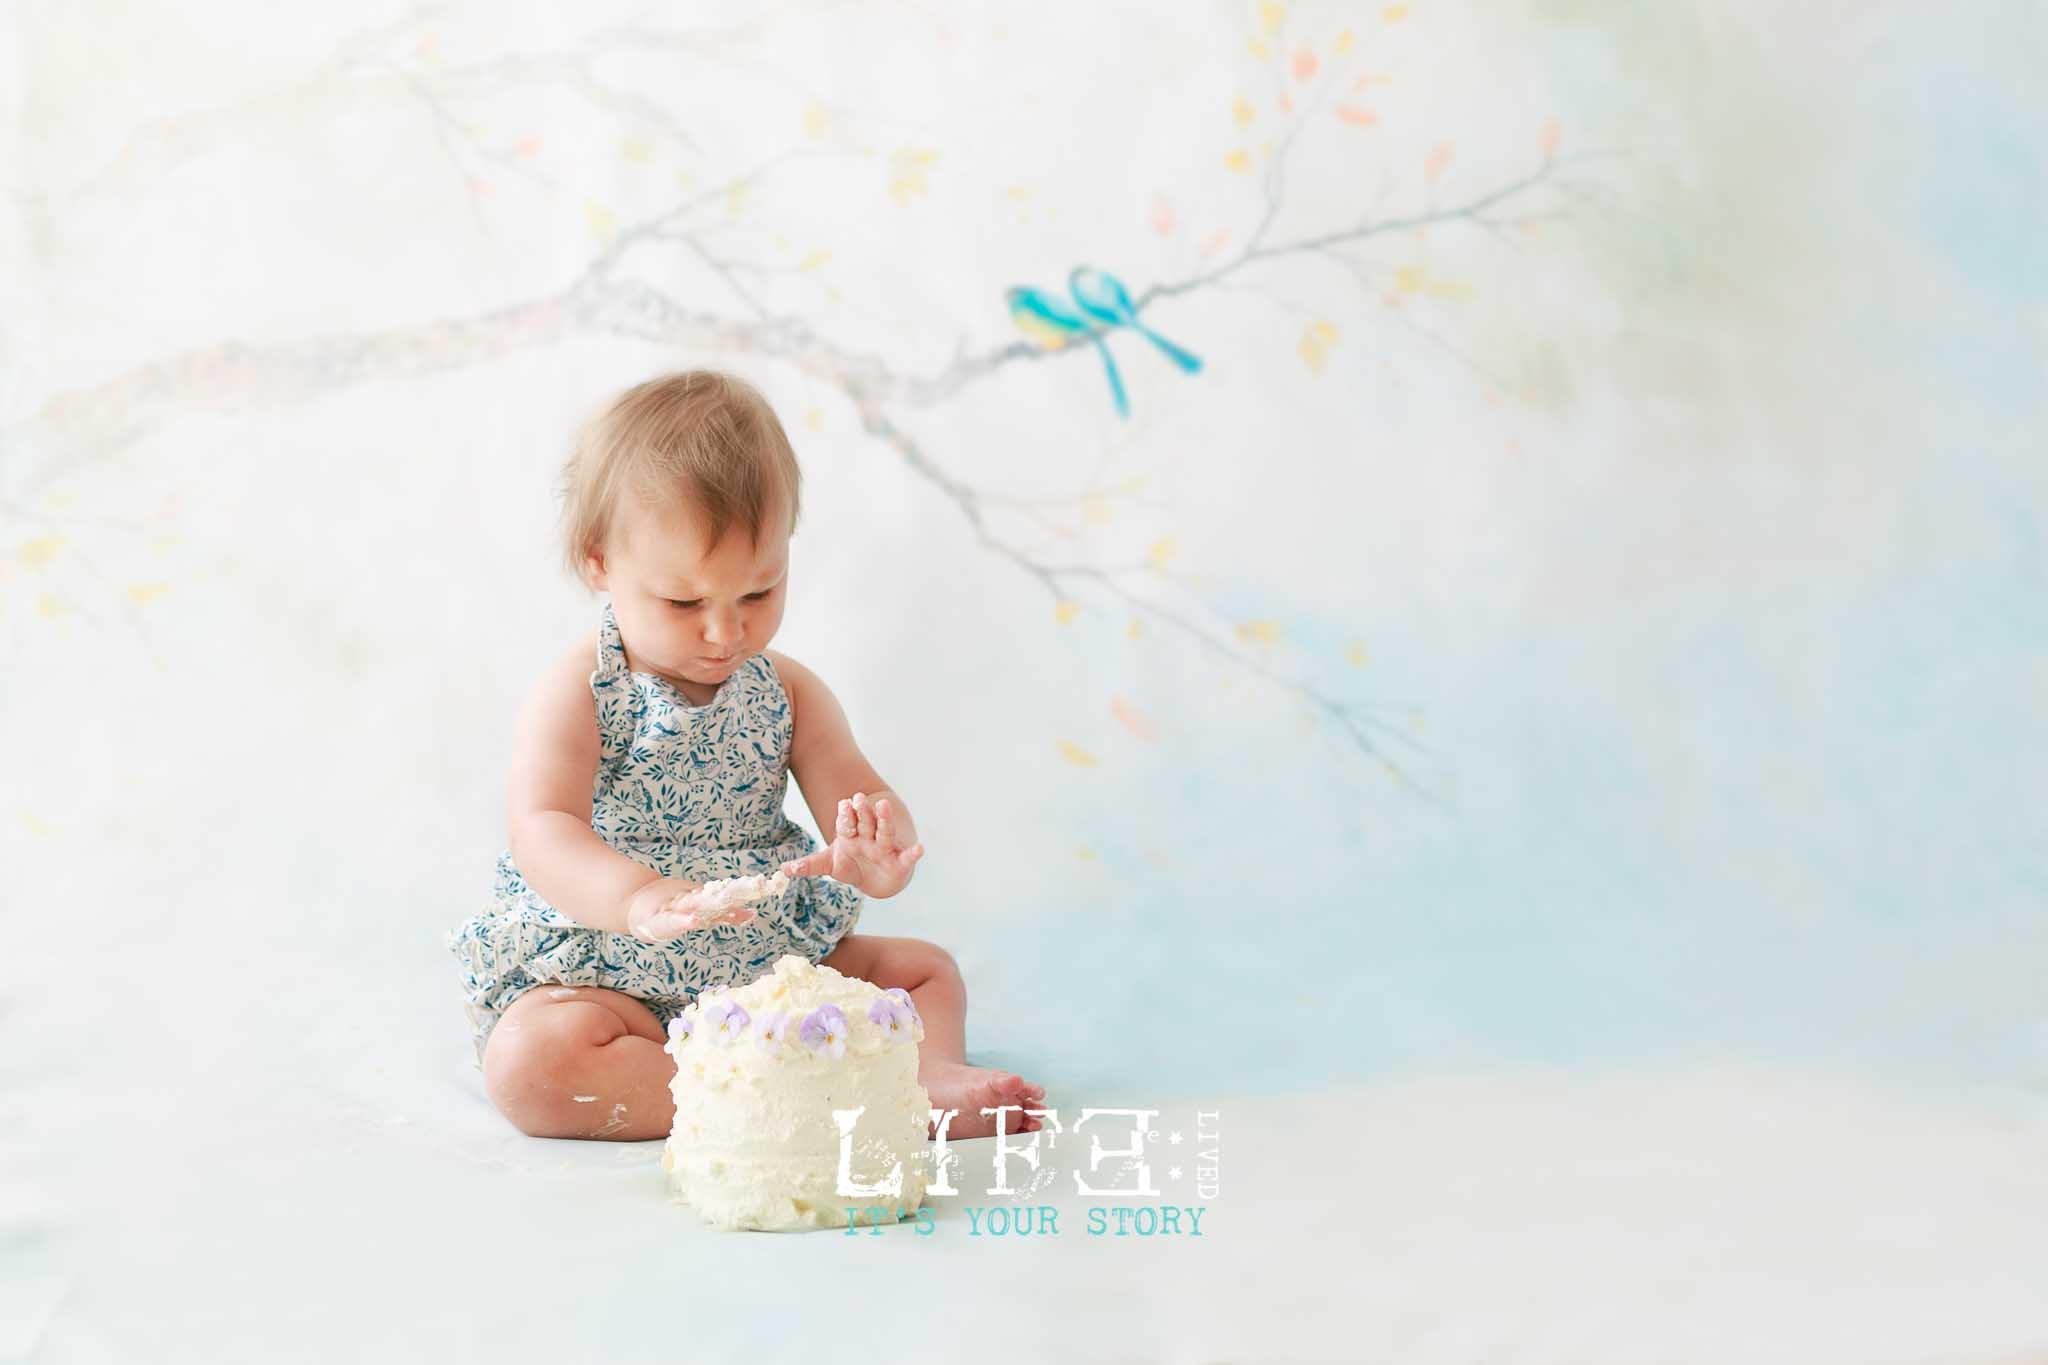 lincoln-cake-smash-photography-8